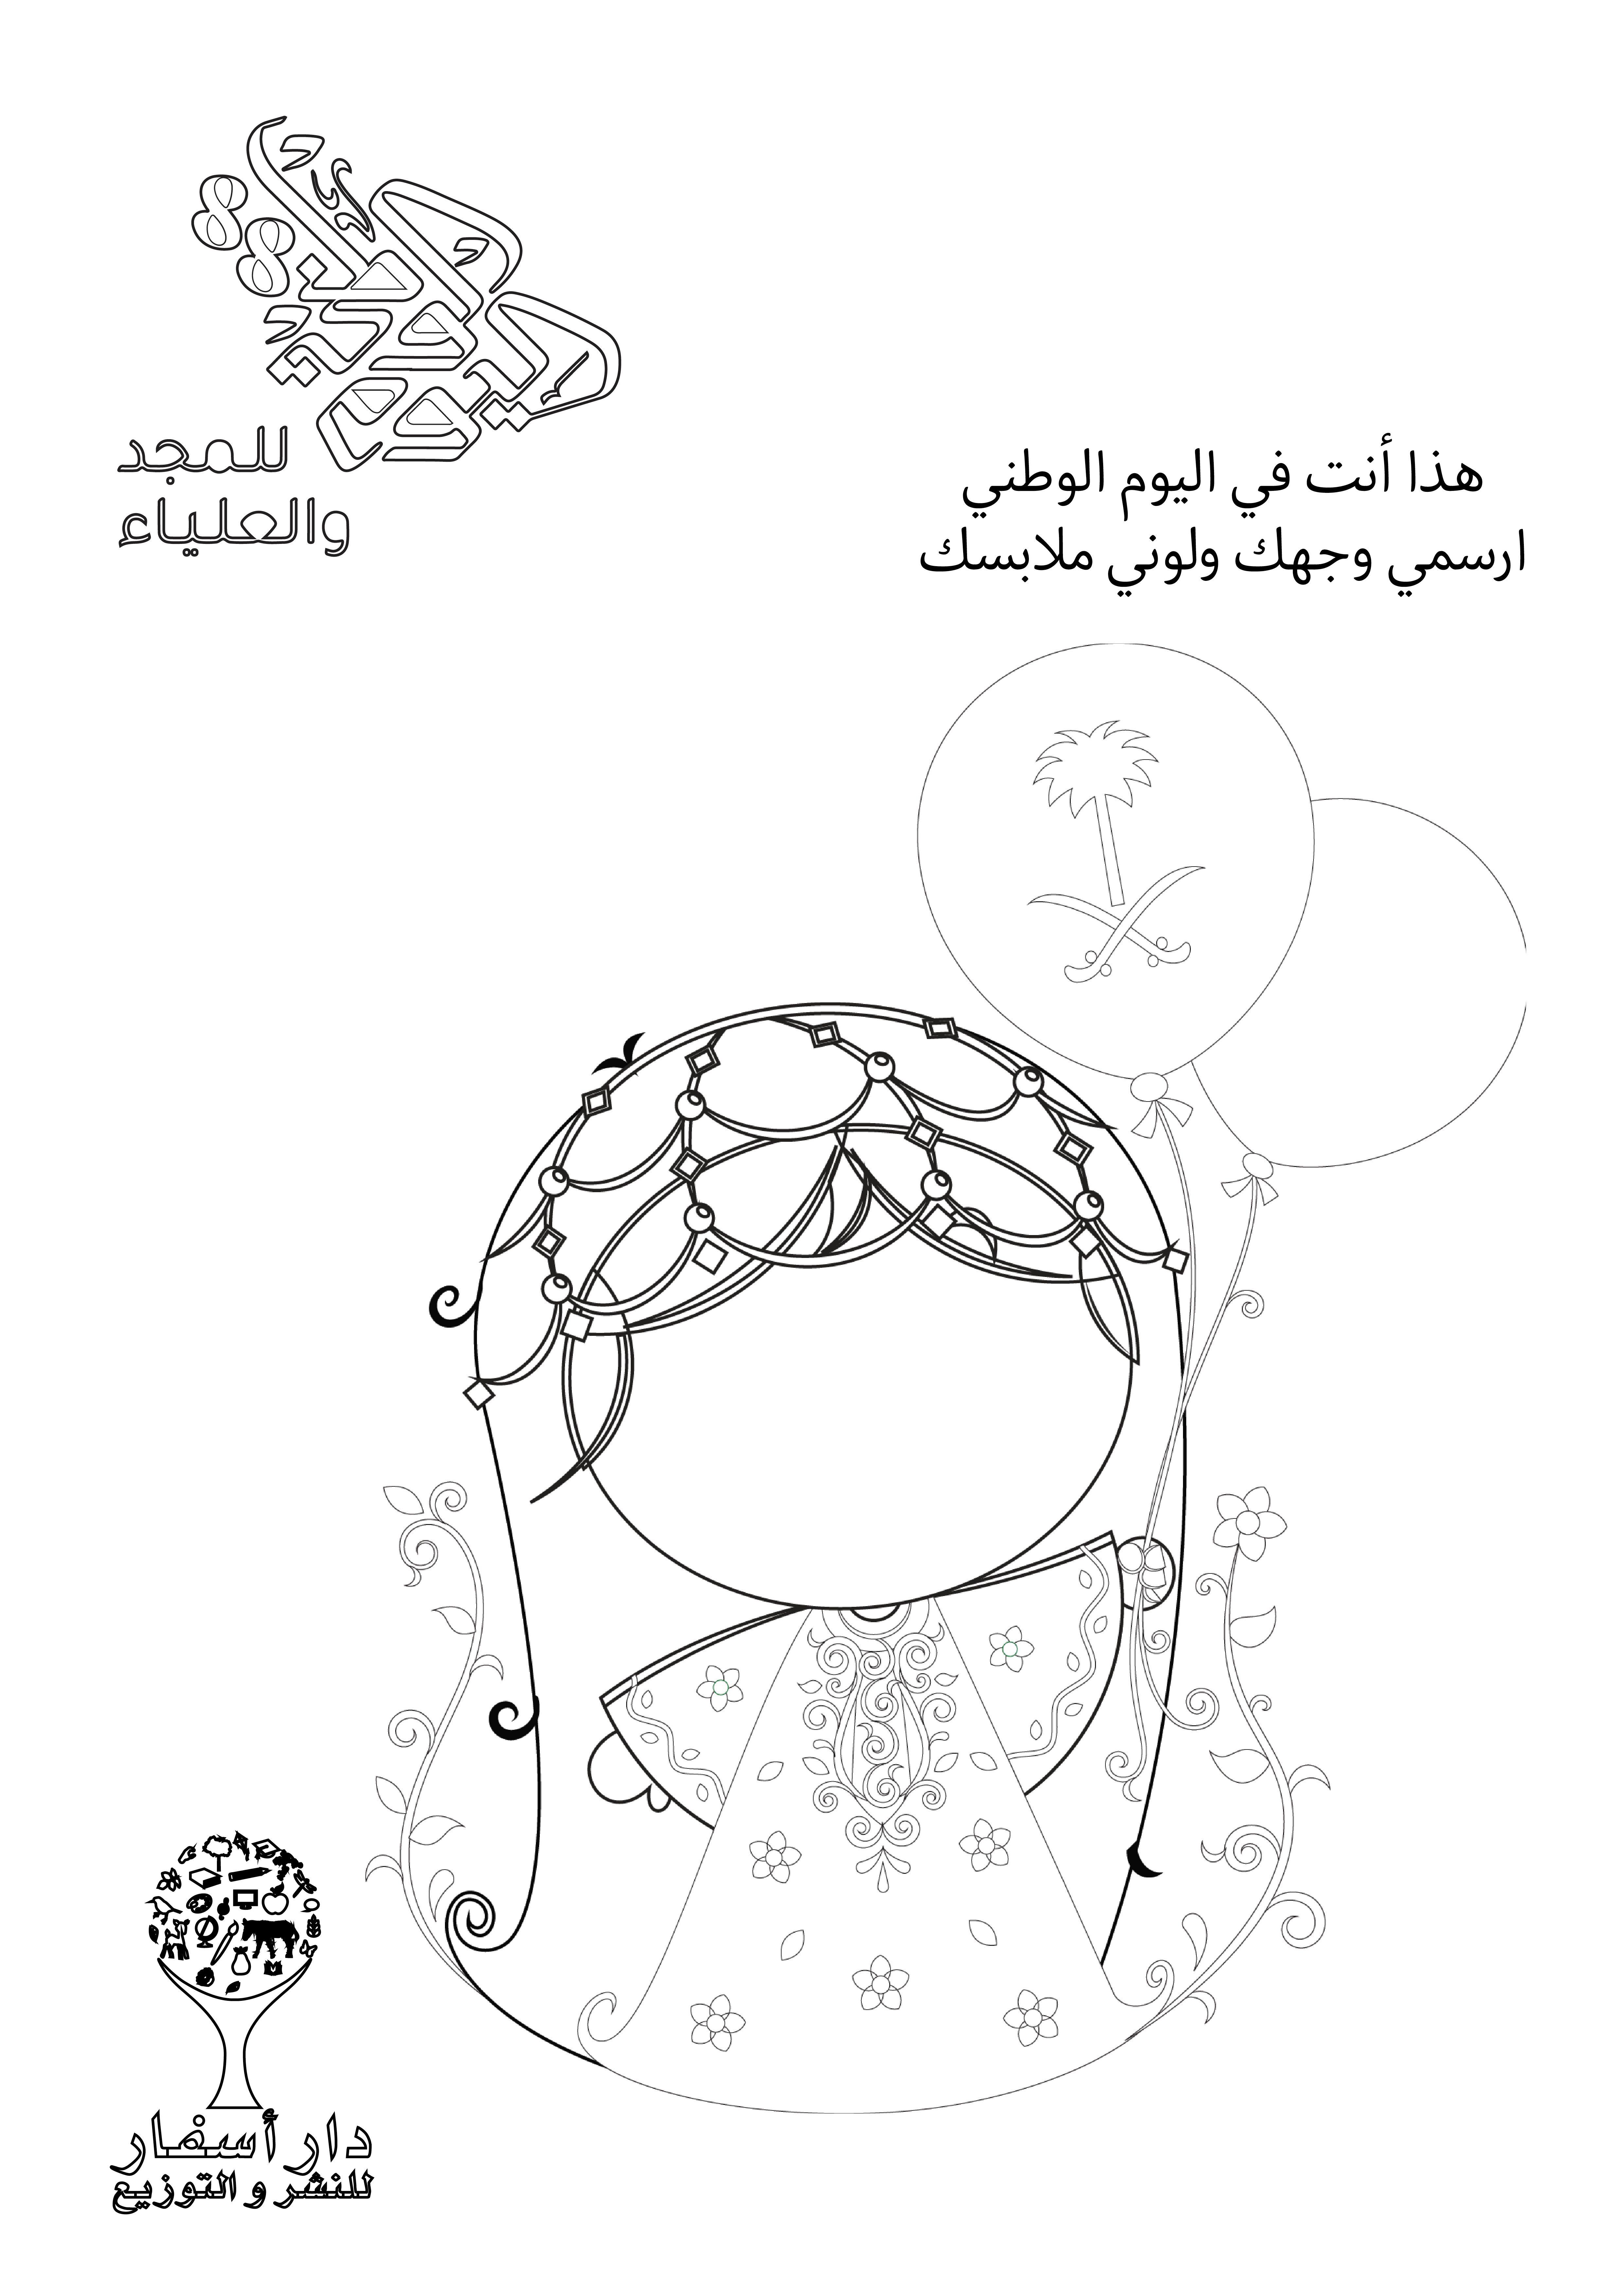 أنشطة اليوم الوطني السعودي Fall Preschool Activities Fall Preschool Kids Labels